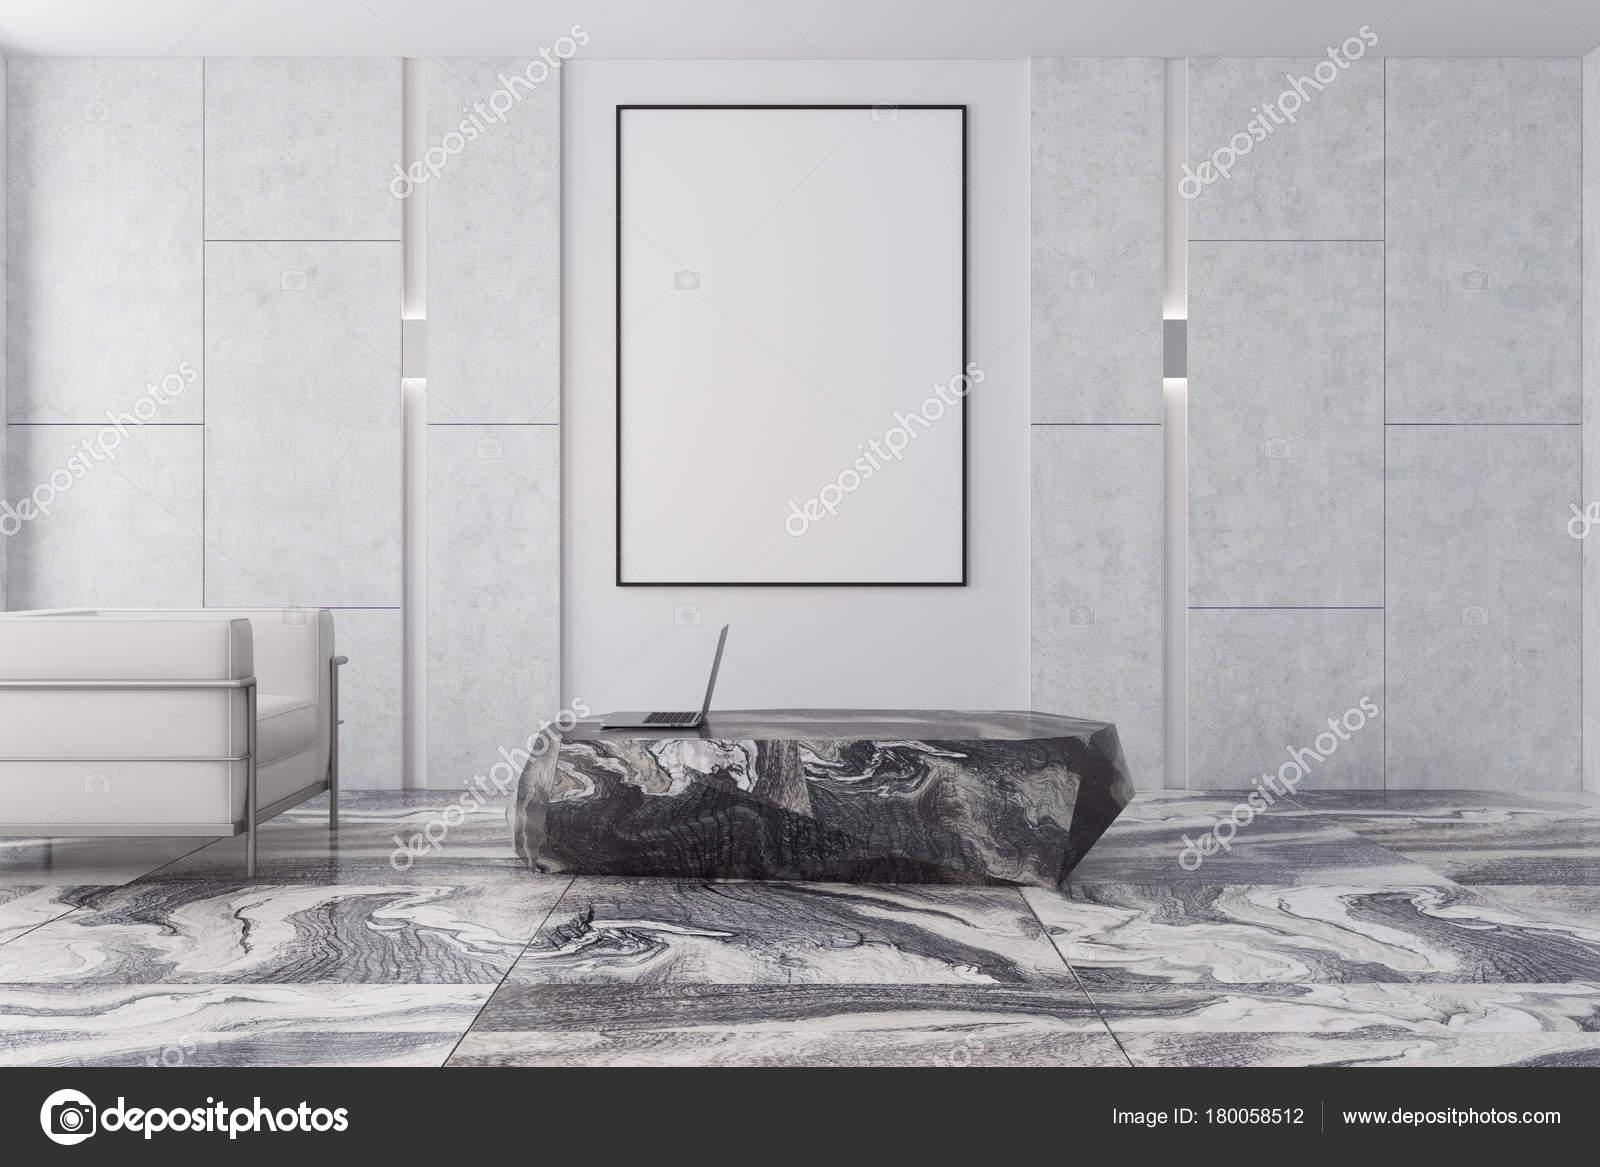 Marmer In Woonkamer : Witte en bruine woonkamer grijze marmer poster u stockfoto